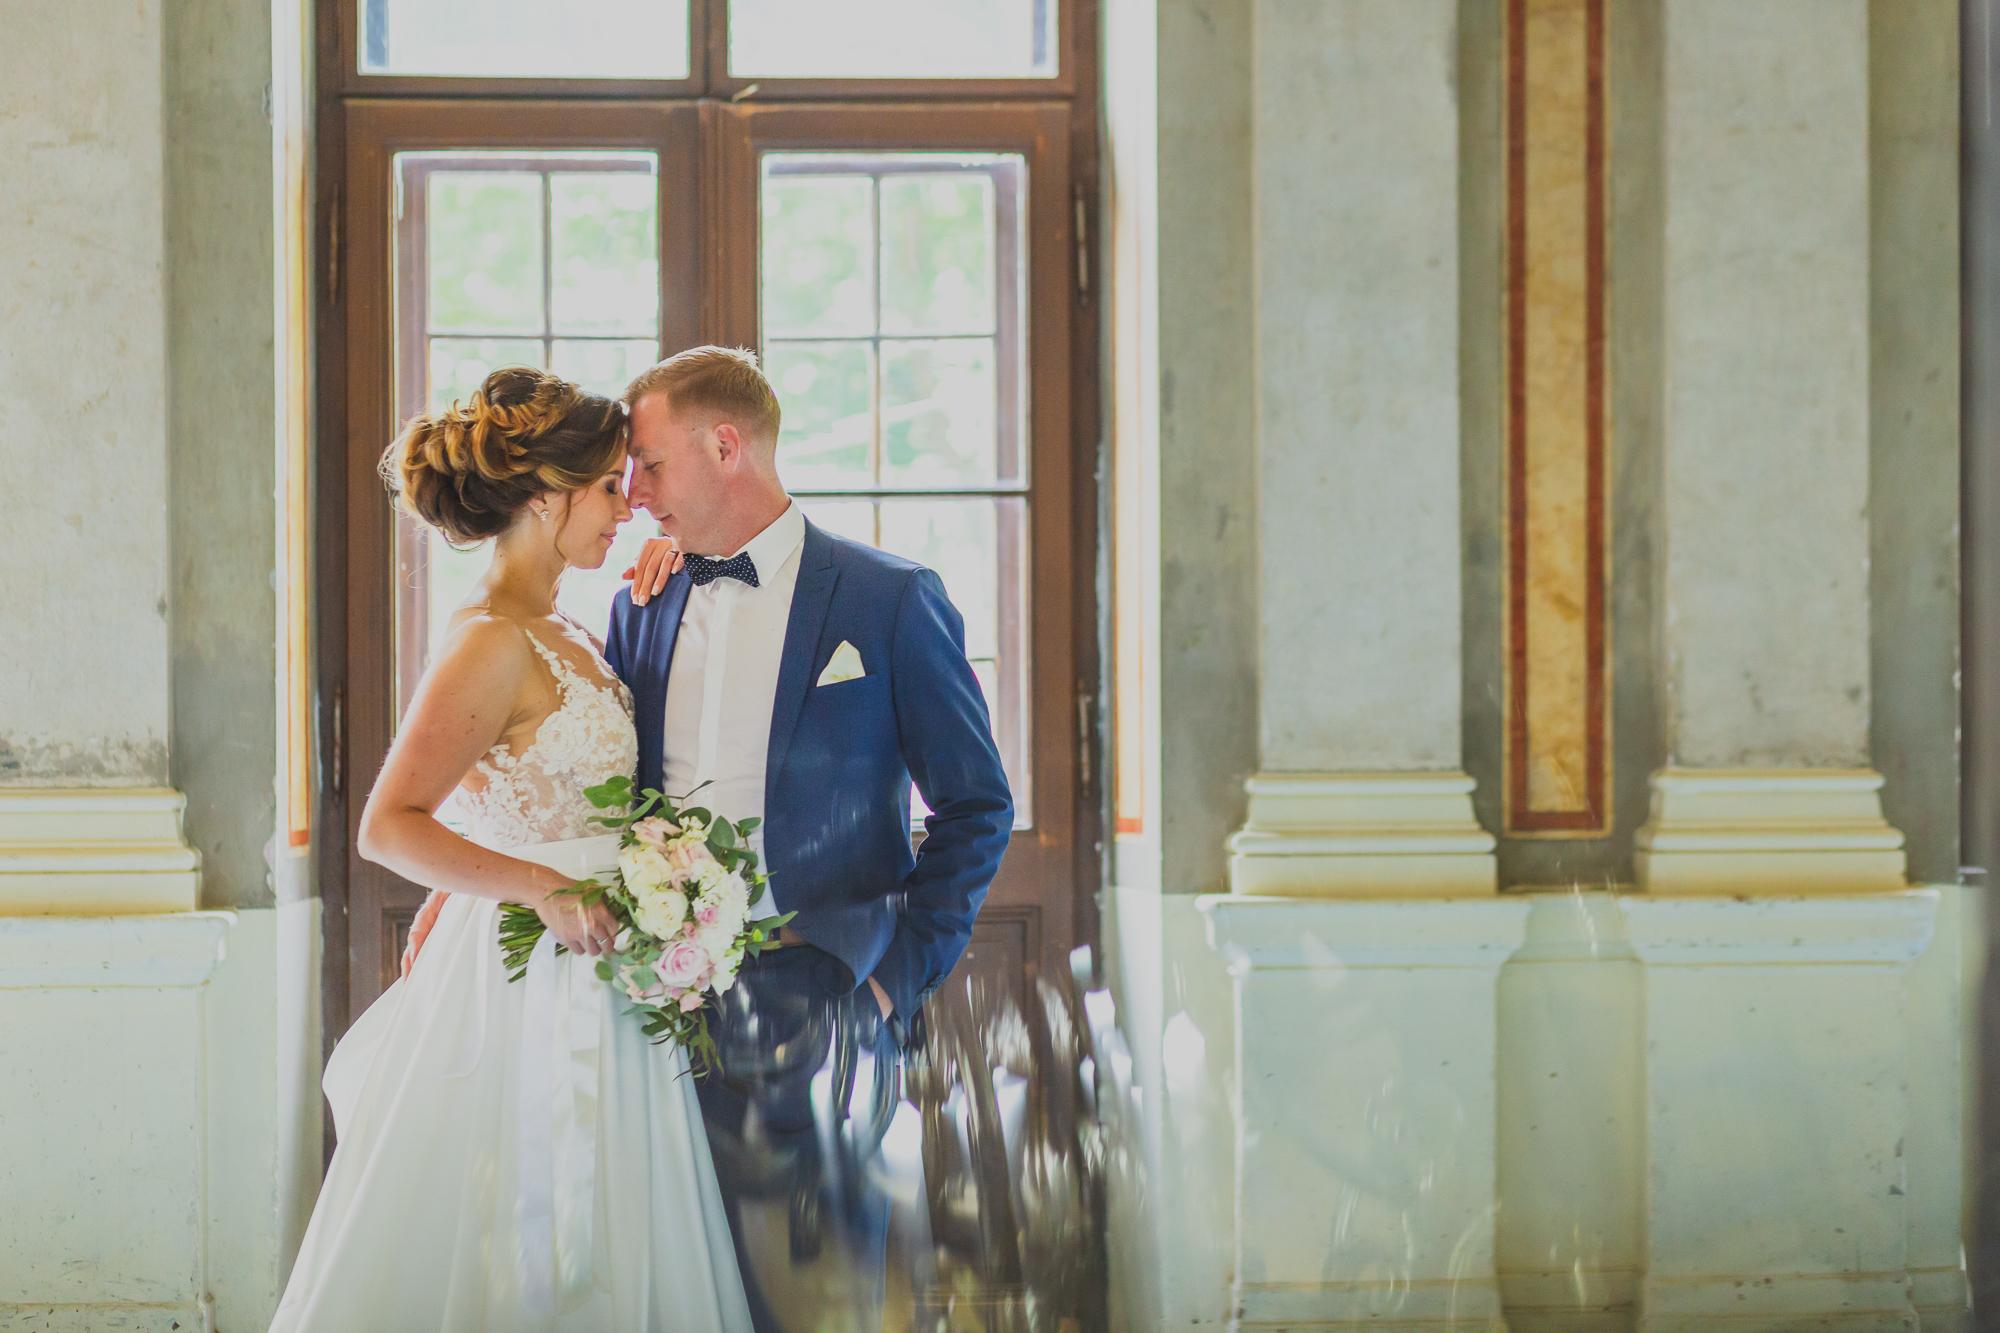 fotografie de nunta, fotosedinta de nunta, mire, mireasa, fata in fata,